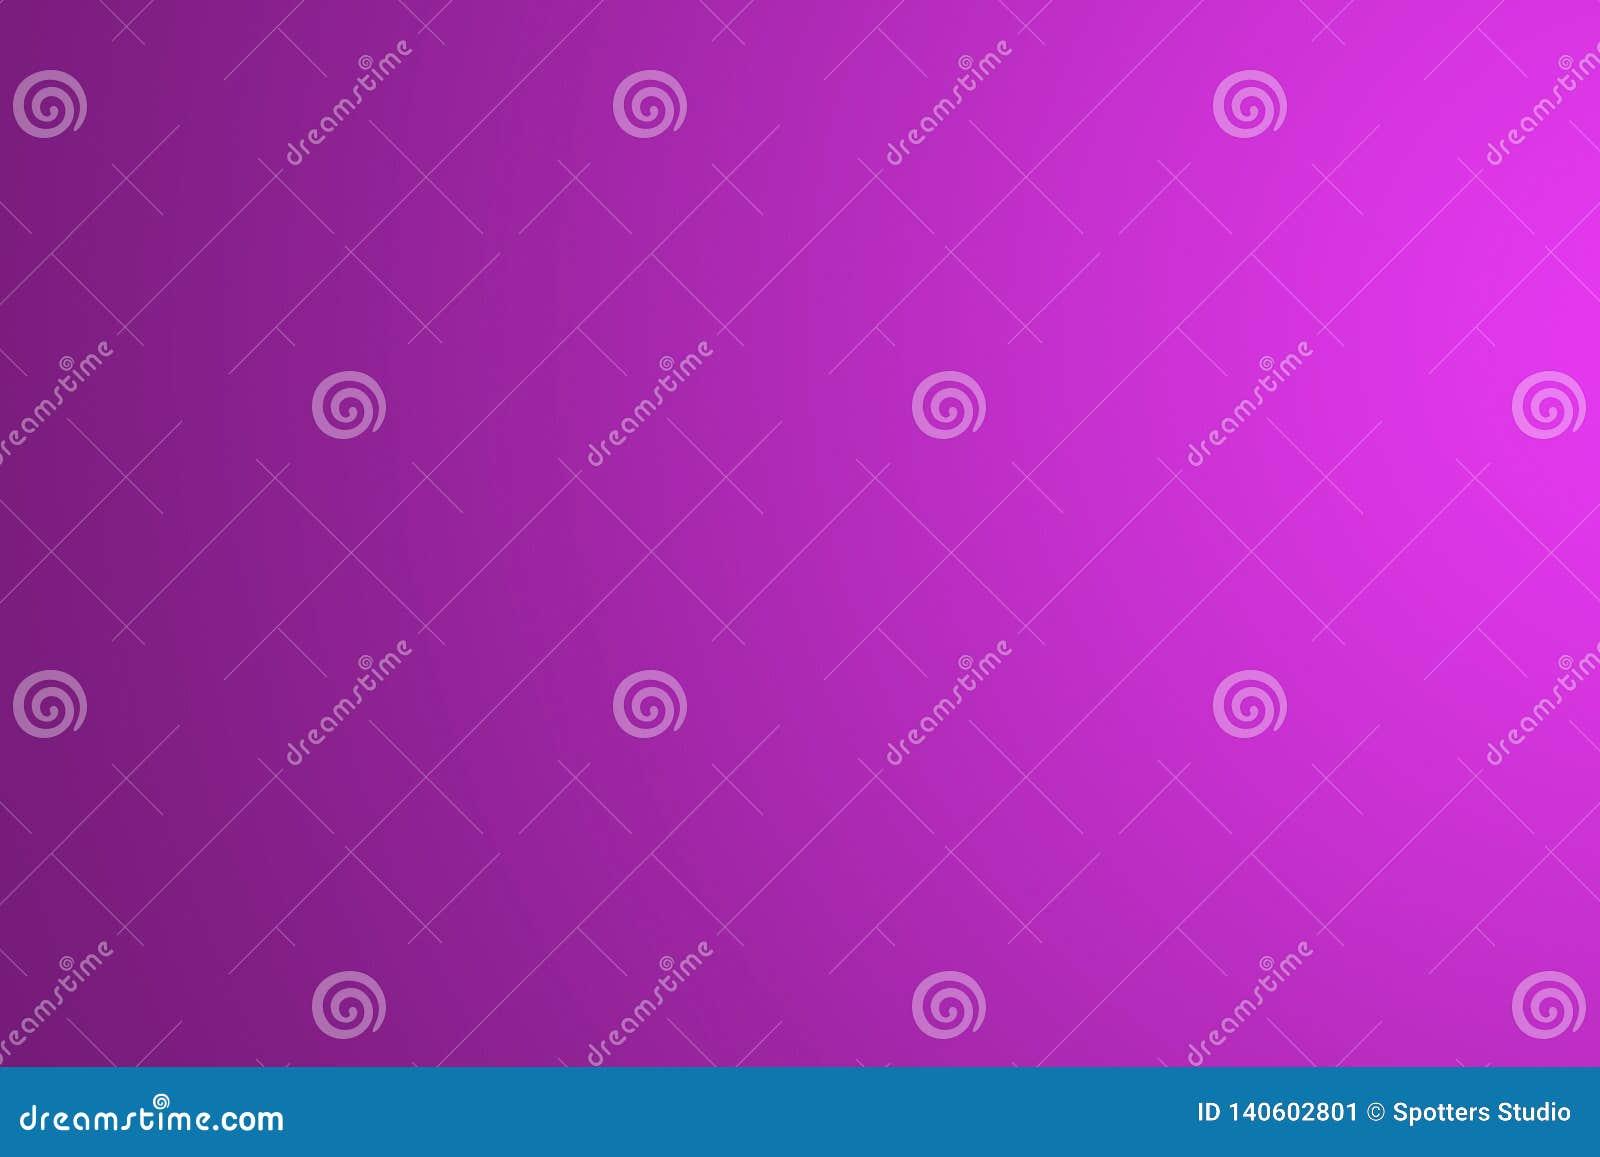 Magentafärgad enkel abstrakt bakgrund Denna bakgrund är passande för olika behov av din design